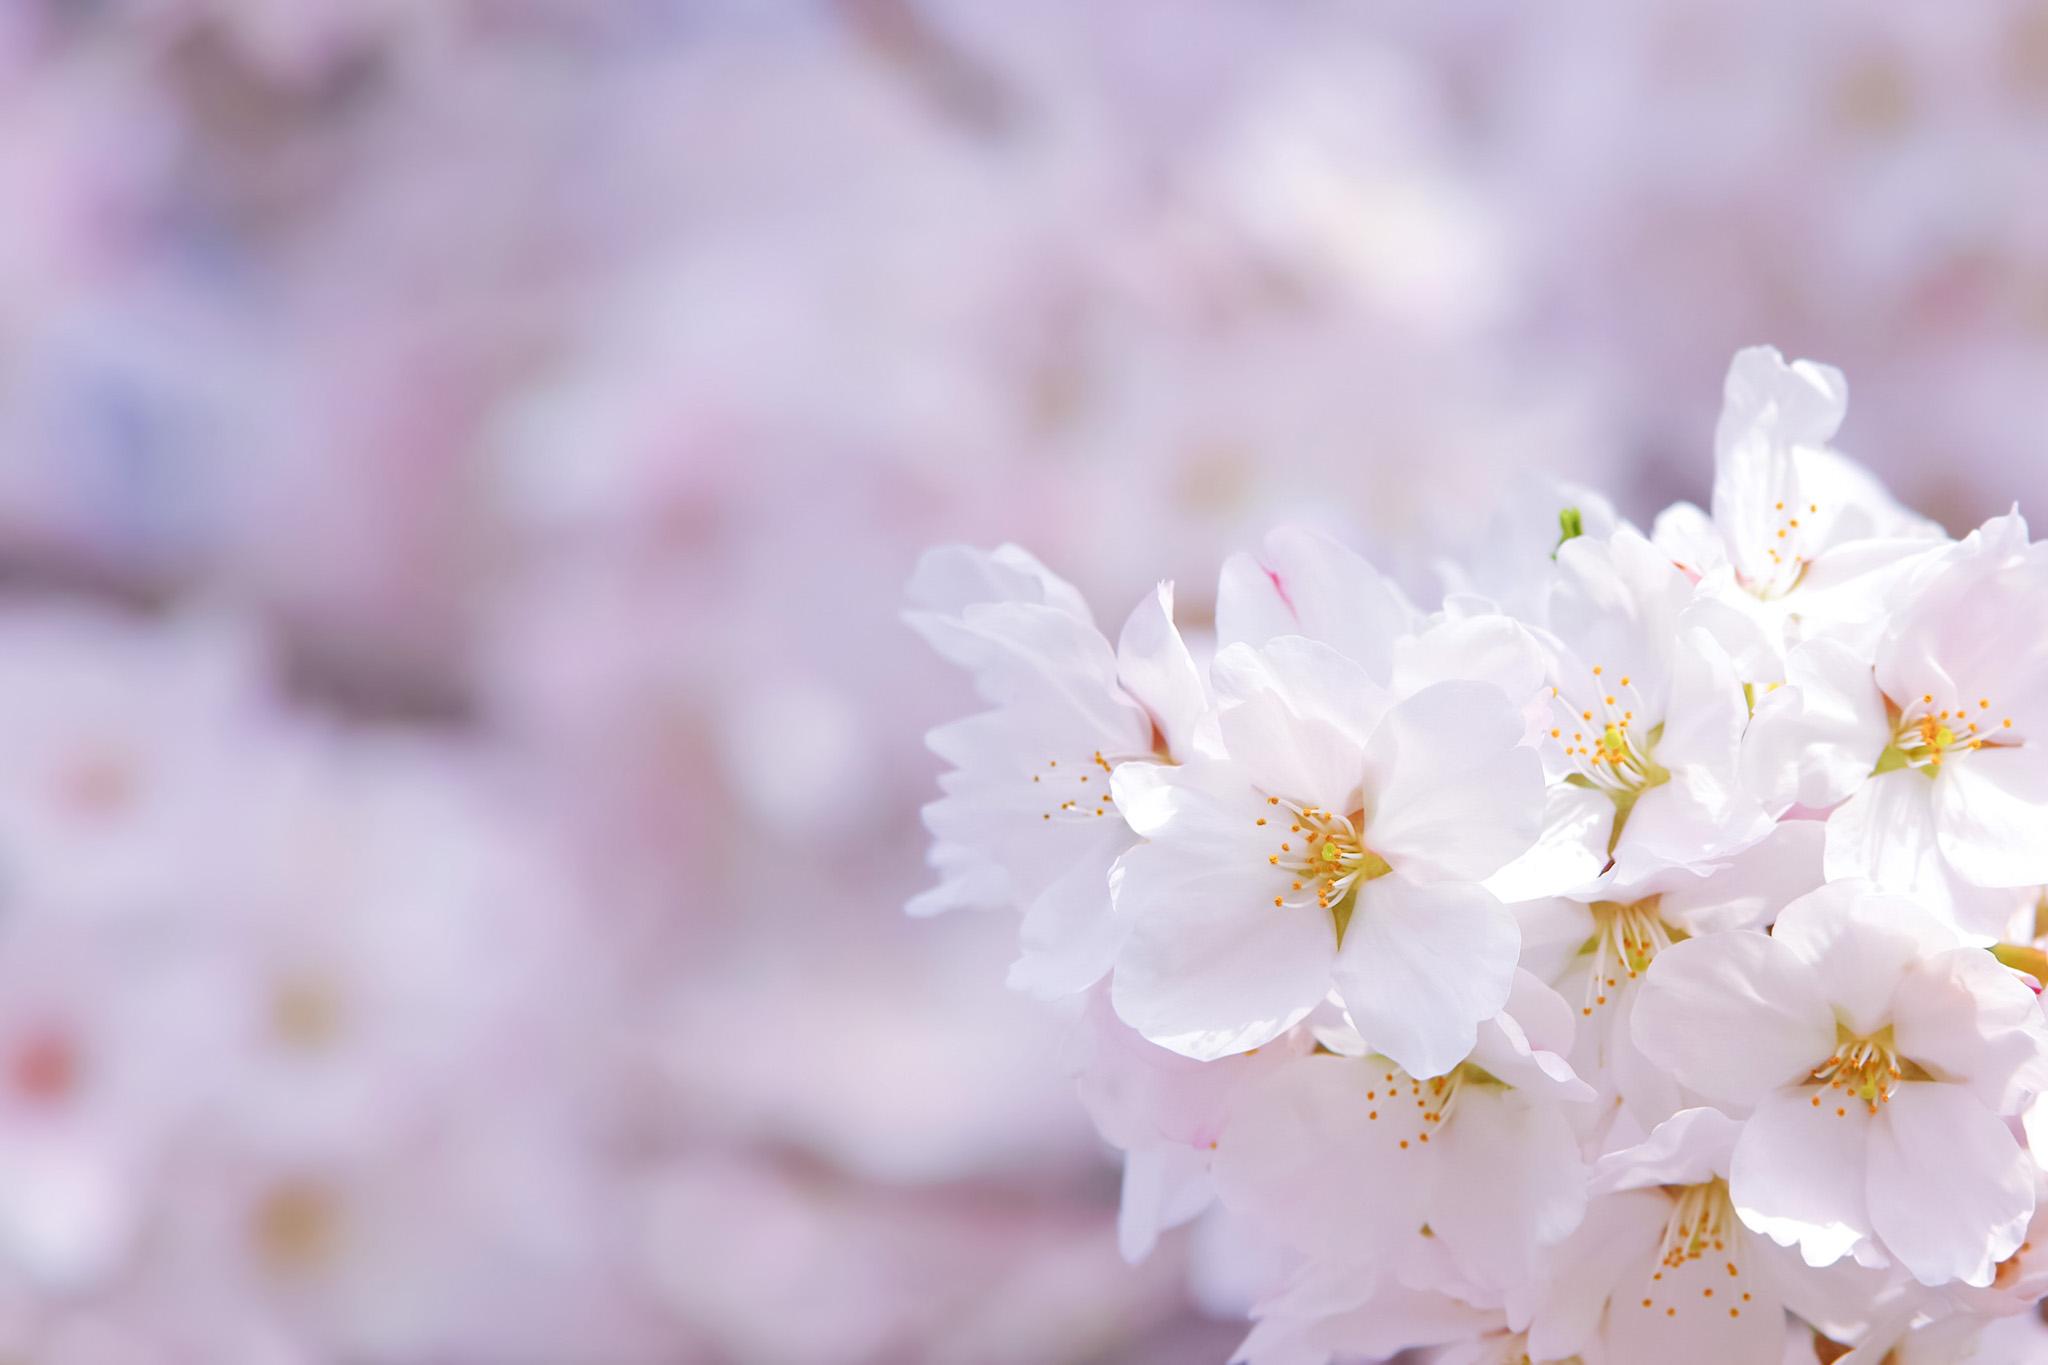 「薄紅色の桜の花びら」の背景を無料ダウンロード